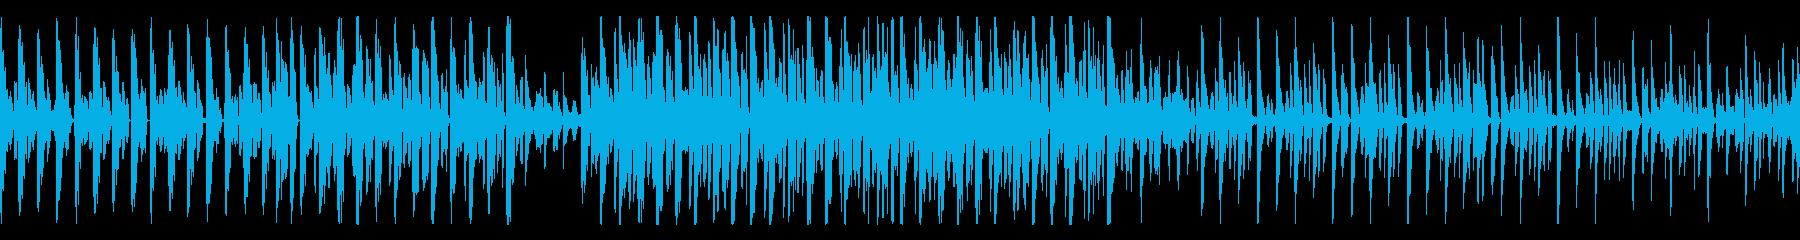 [ループ可能]ポップなダンサブル楽曲の再生済みの波形